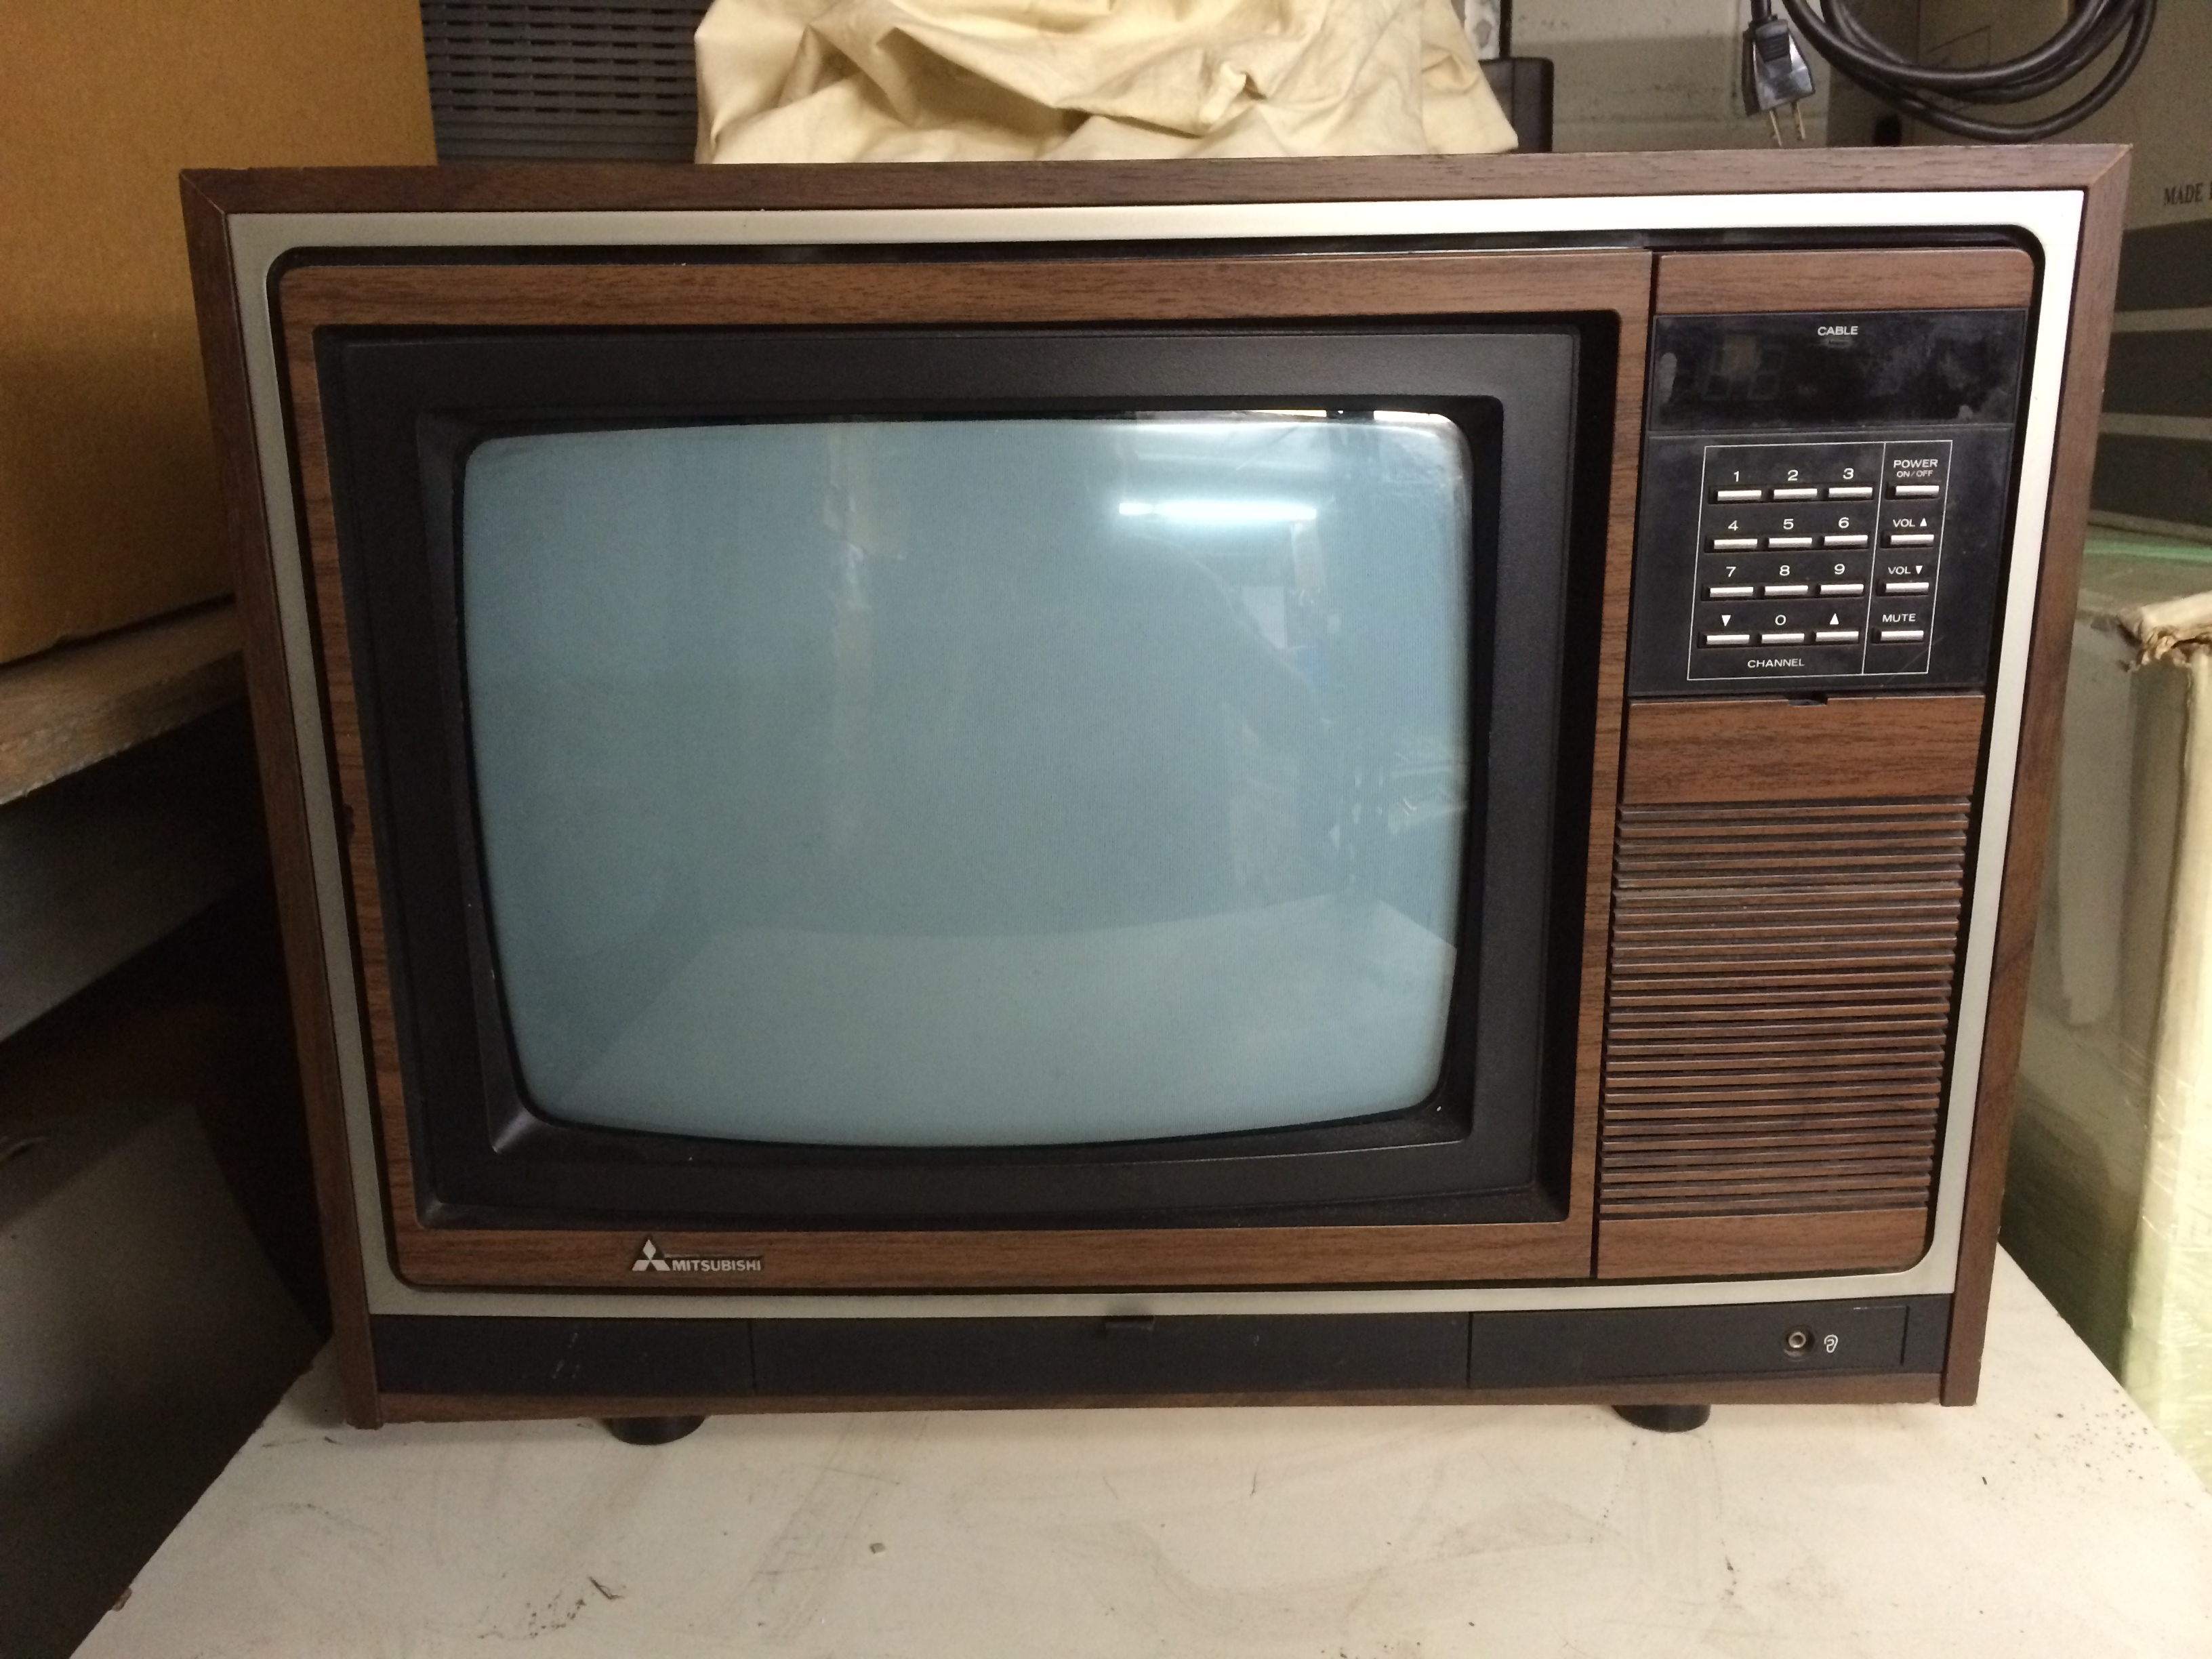 Mitsubishi Woodgrain CRT Television